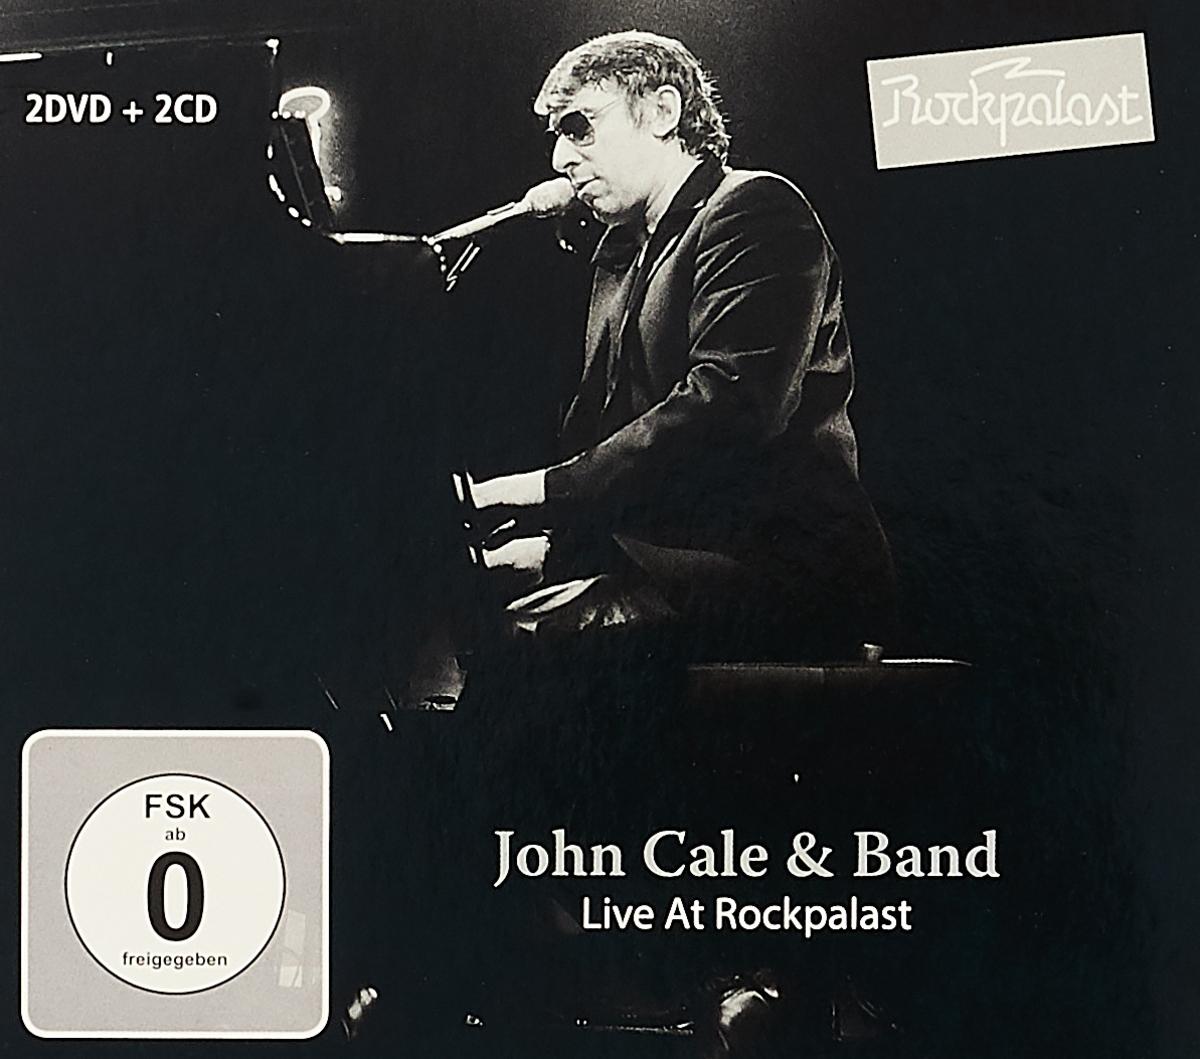 Джон Кейл John Cale. Live At Rockpalast (Bonus) (2 CD + 2 DVD) джон кейл john cale conflict